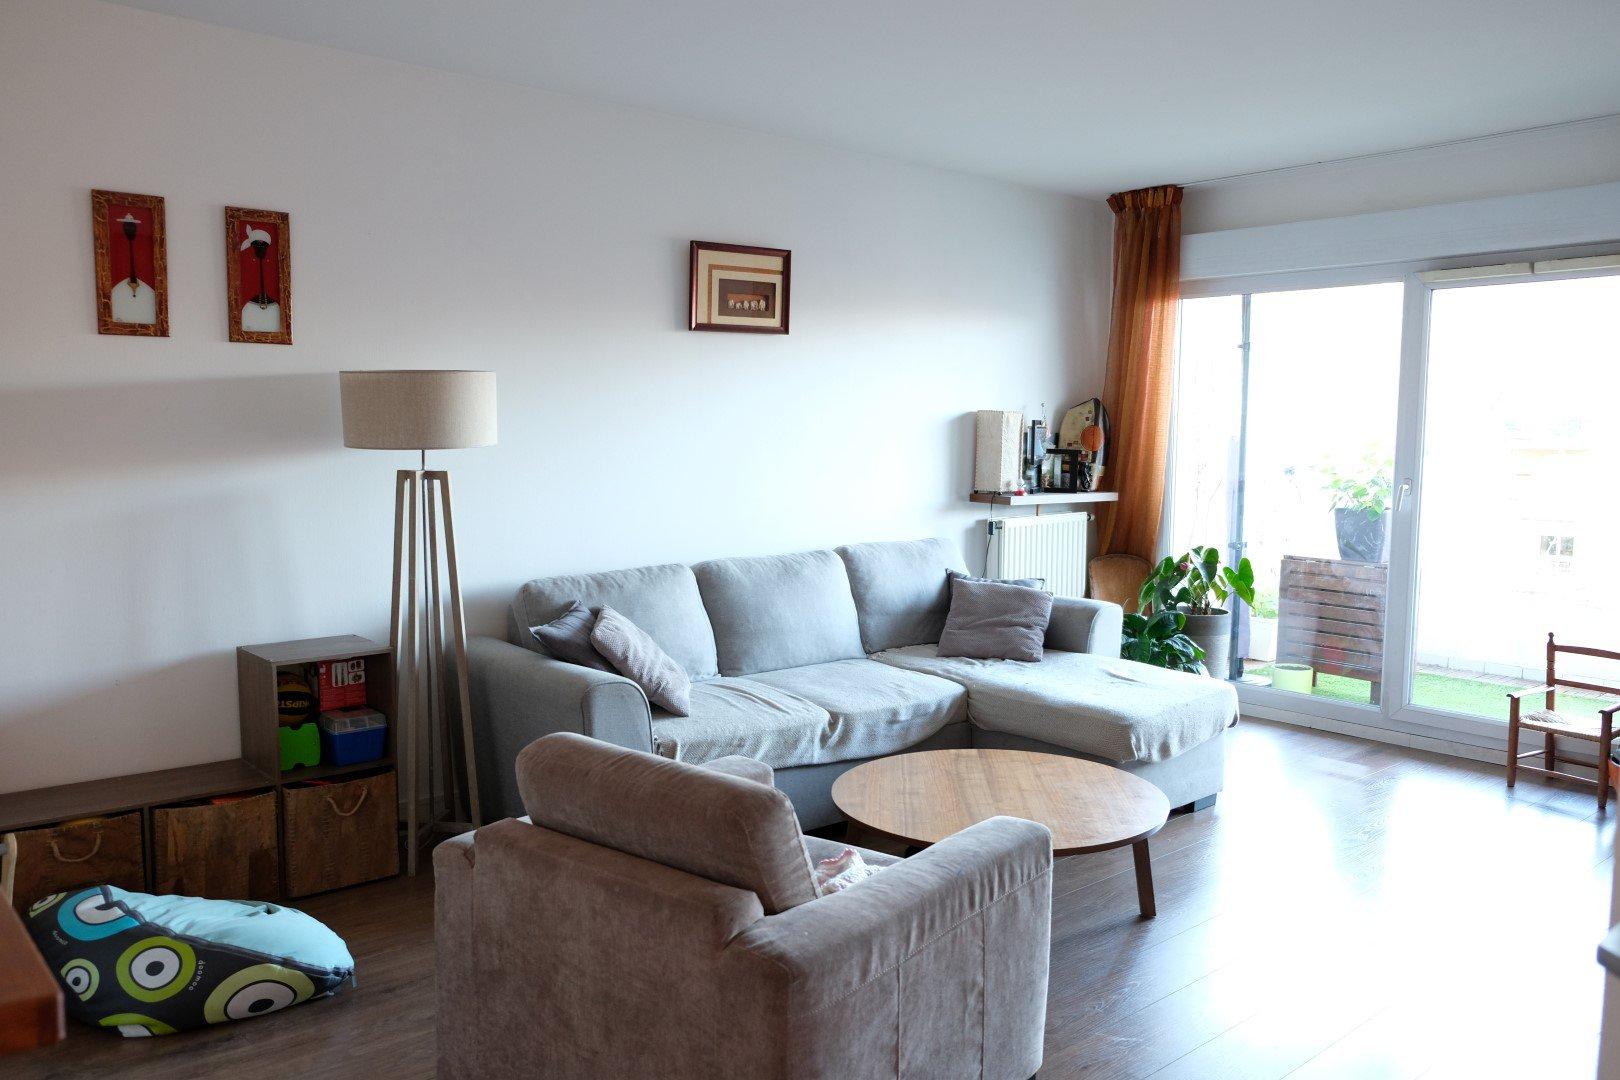 Achat Appartement Surface de 65.64 m²/ Total carrez : 65 m², 3 pièces, Villeurbanne (69100)